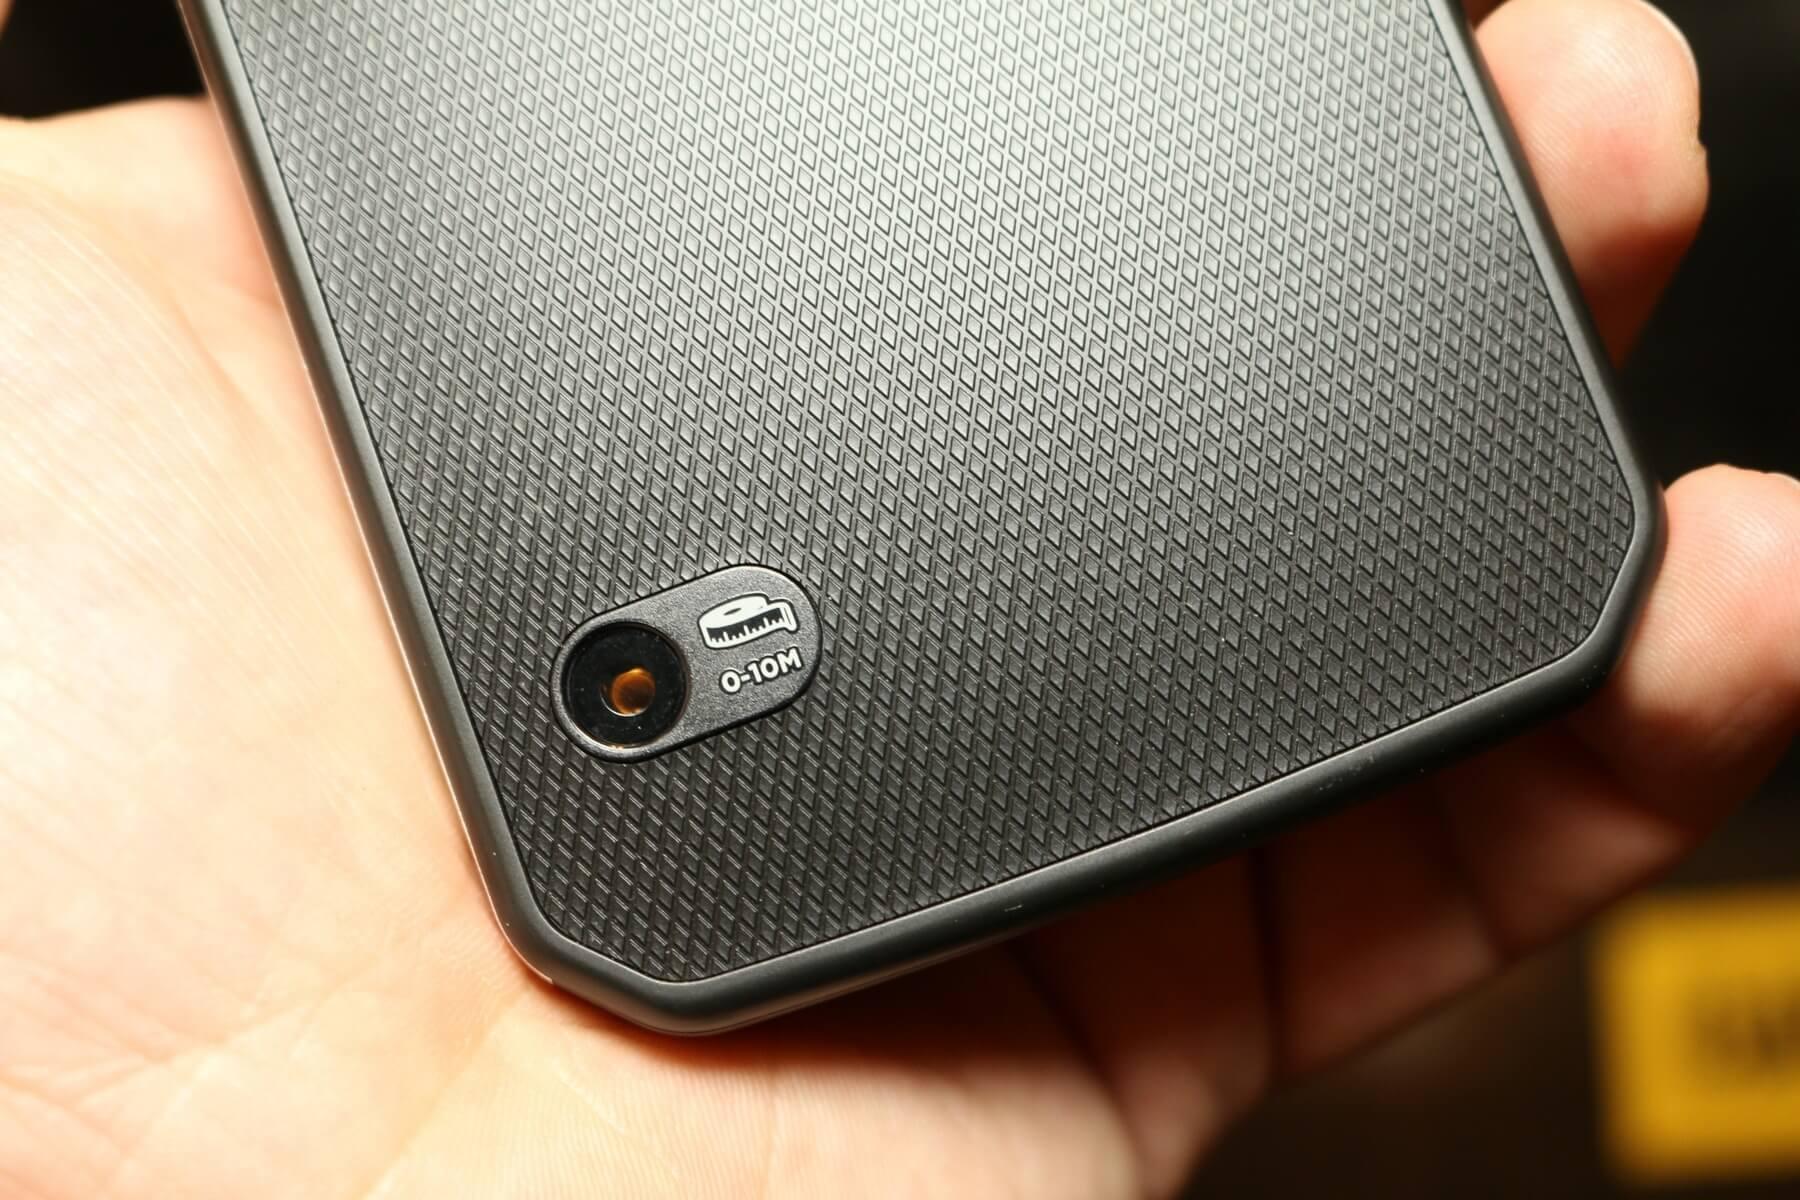 Cat s61 smartphone: wärmekamera laserentfernungsmessung & mehr